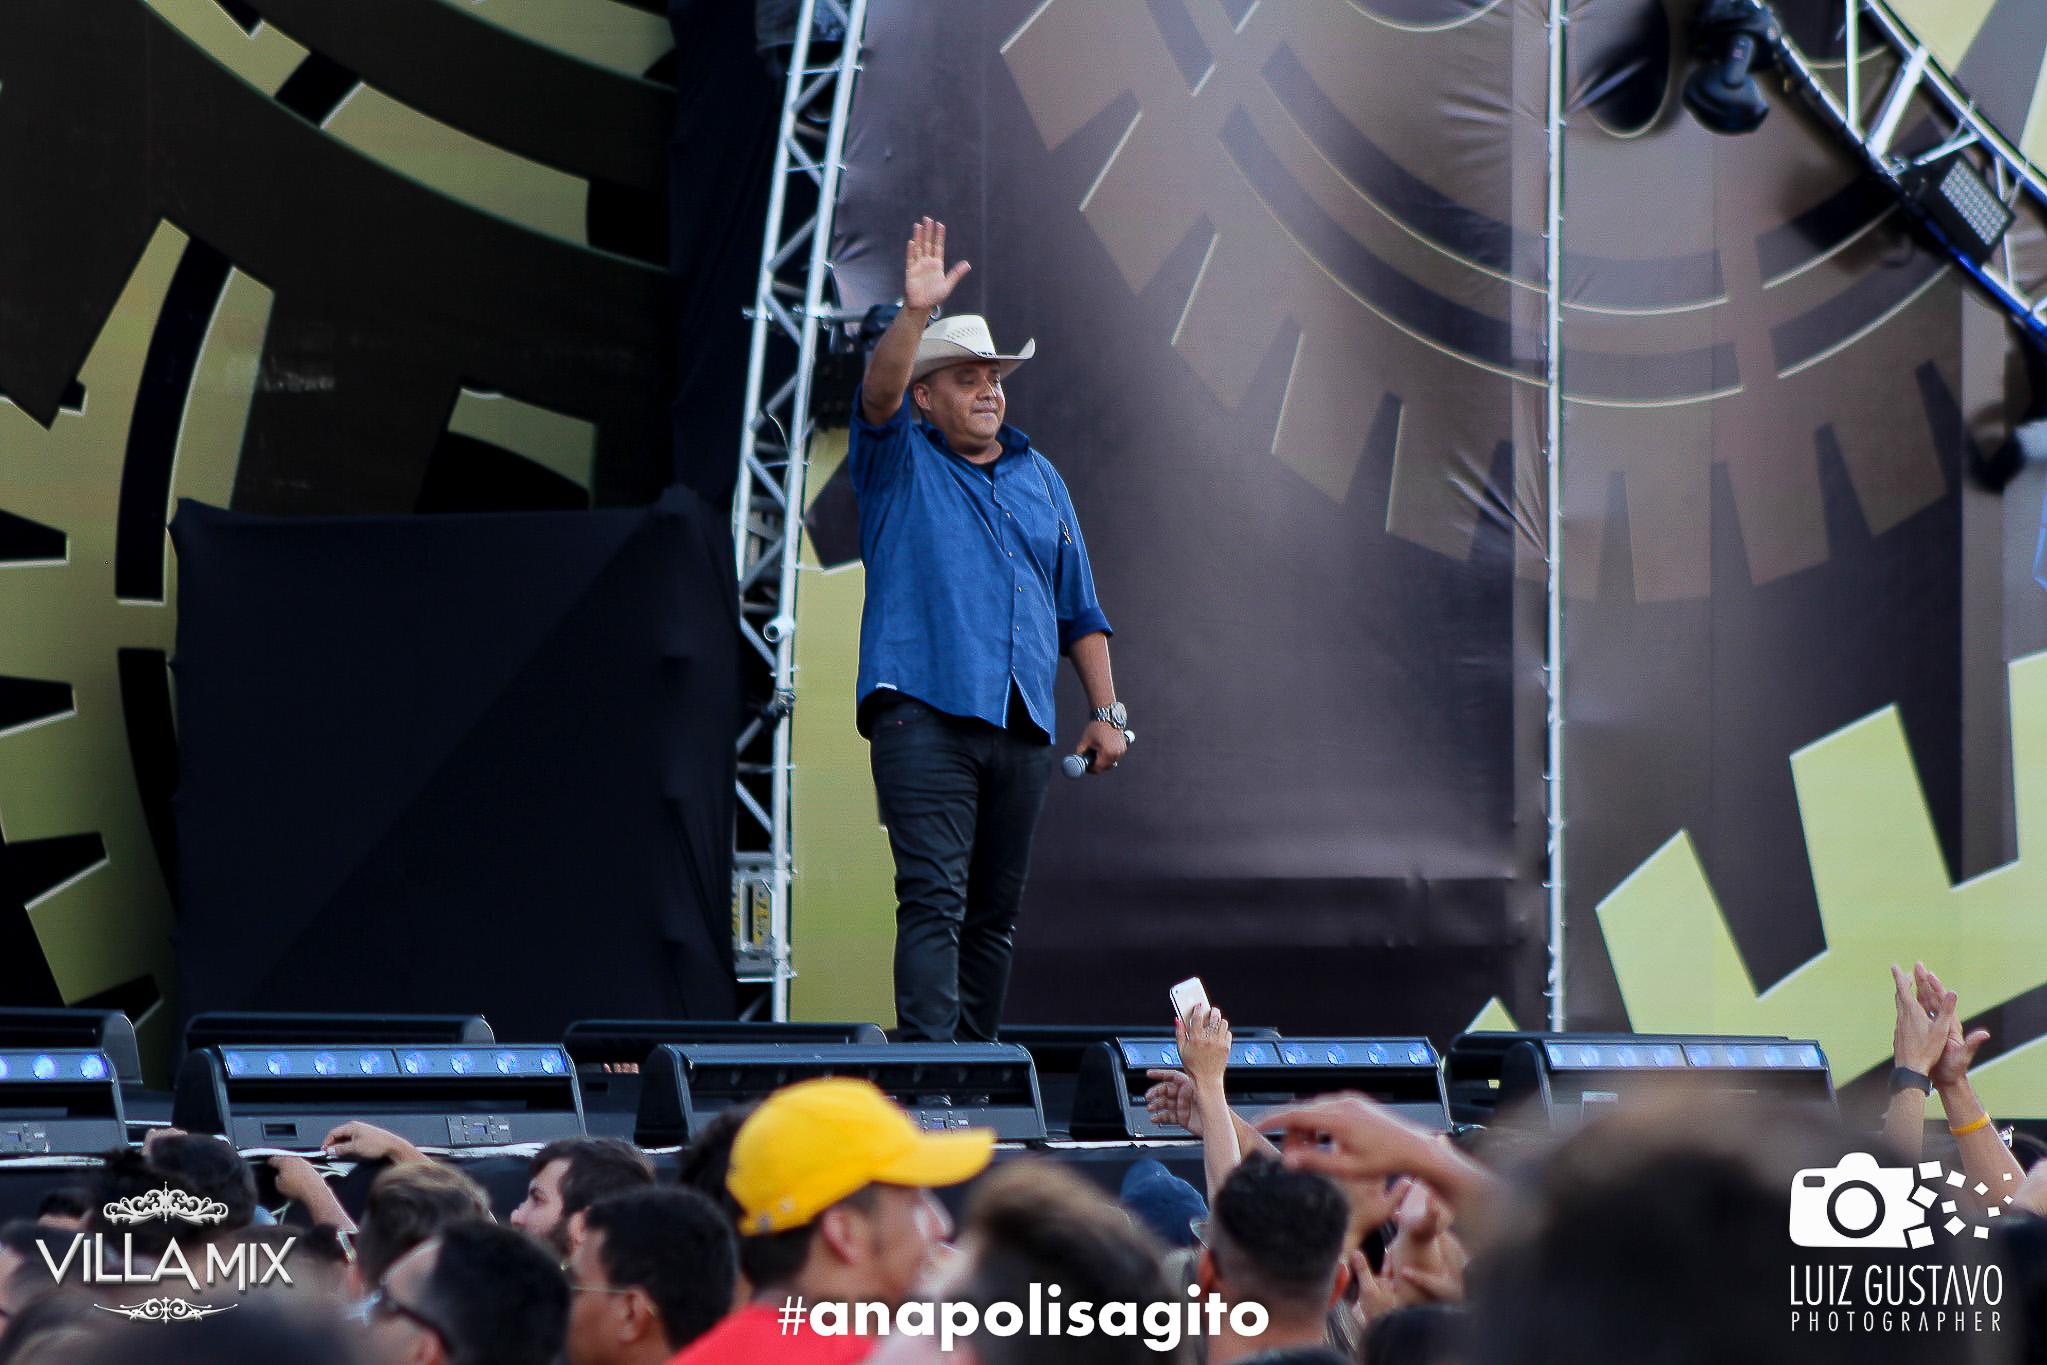 Luiz Gustavo Photographer (63 de 327)